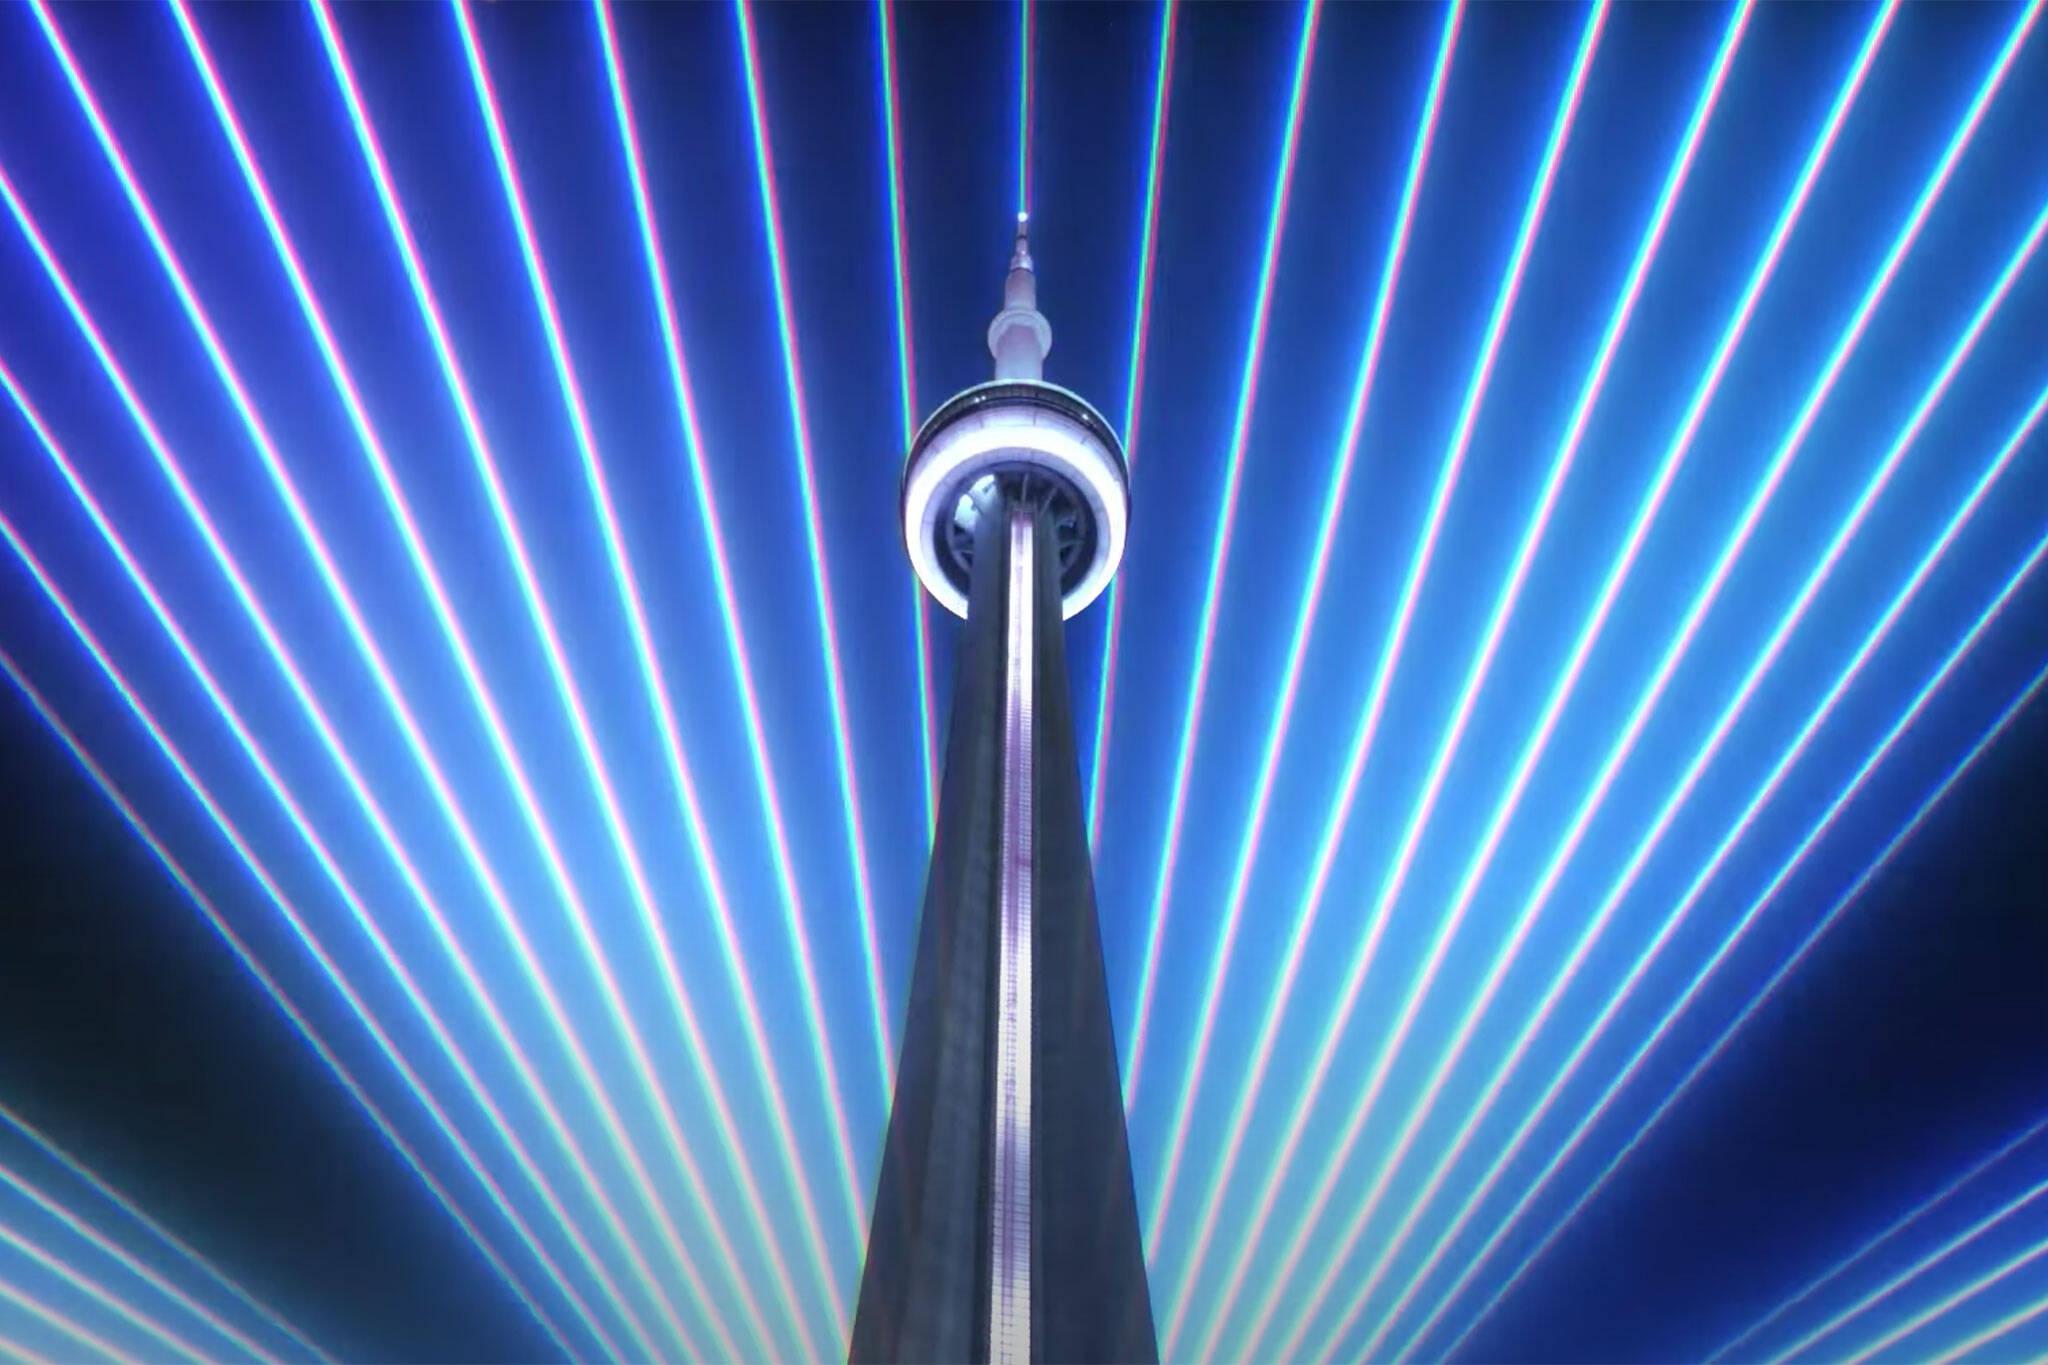 cn tower light of hope